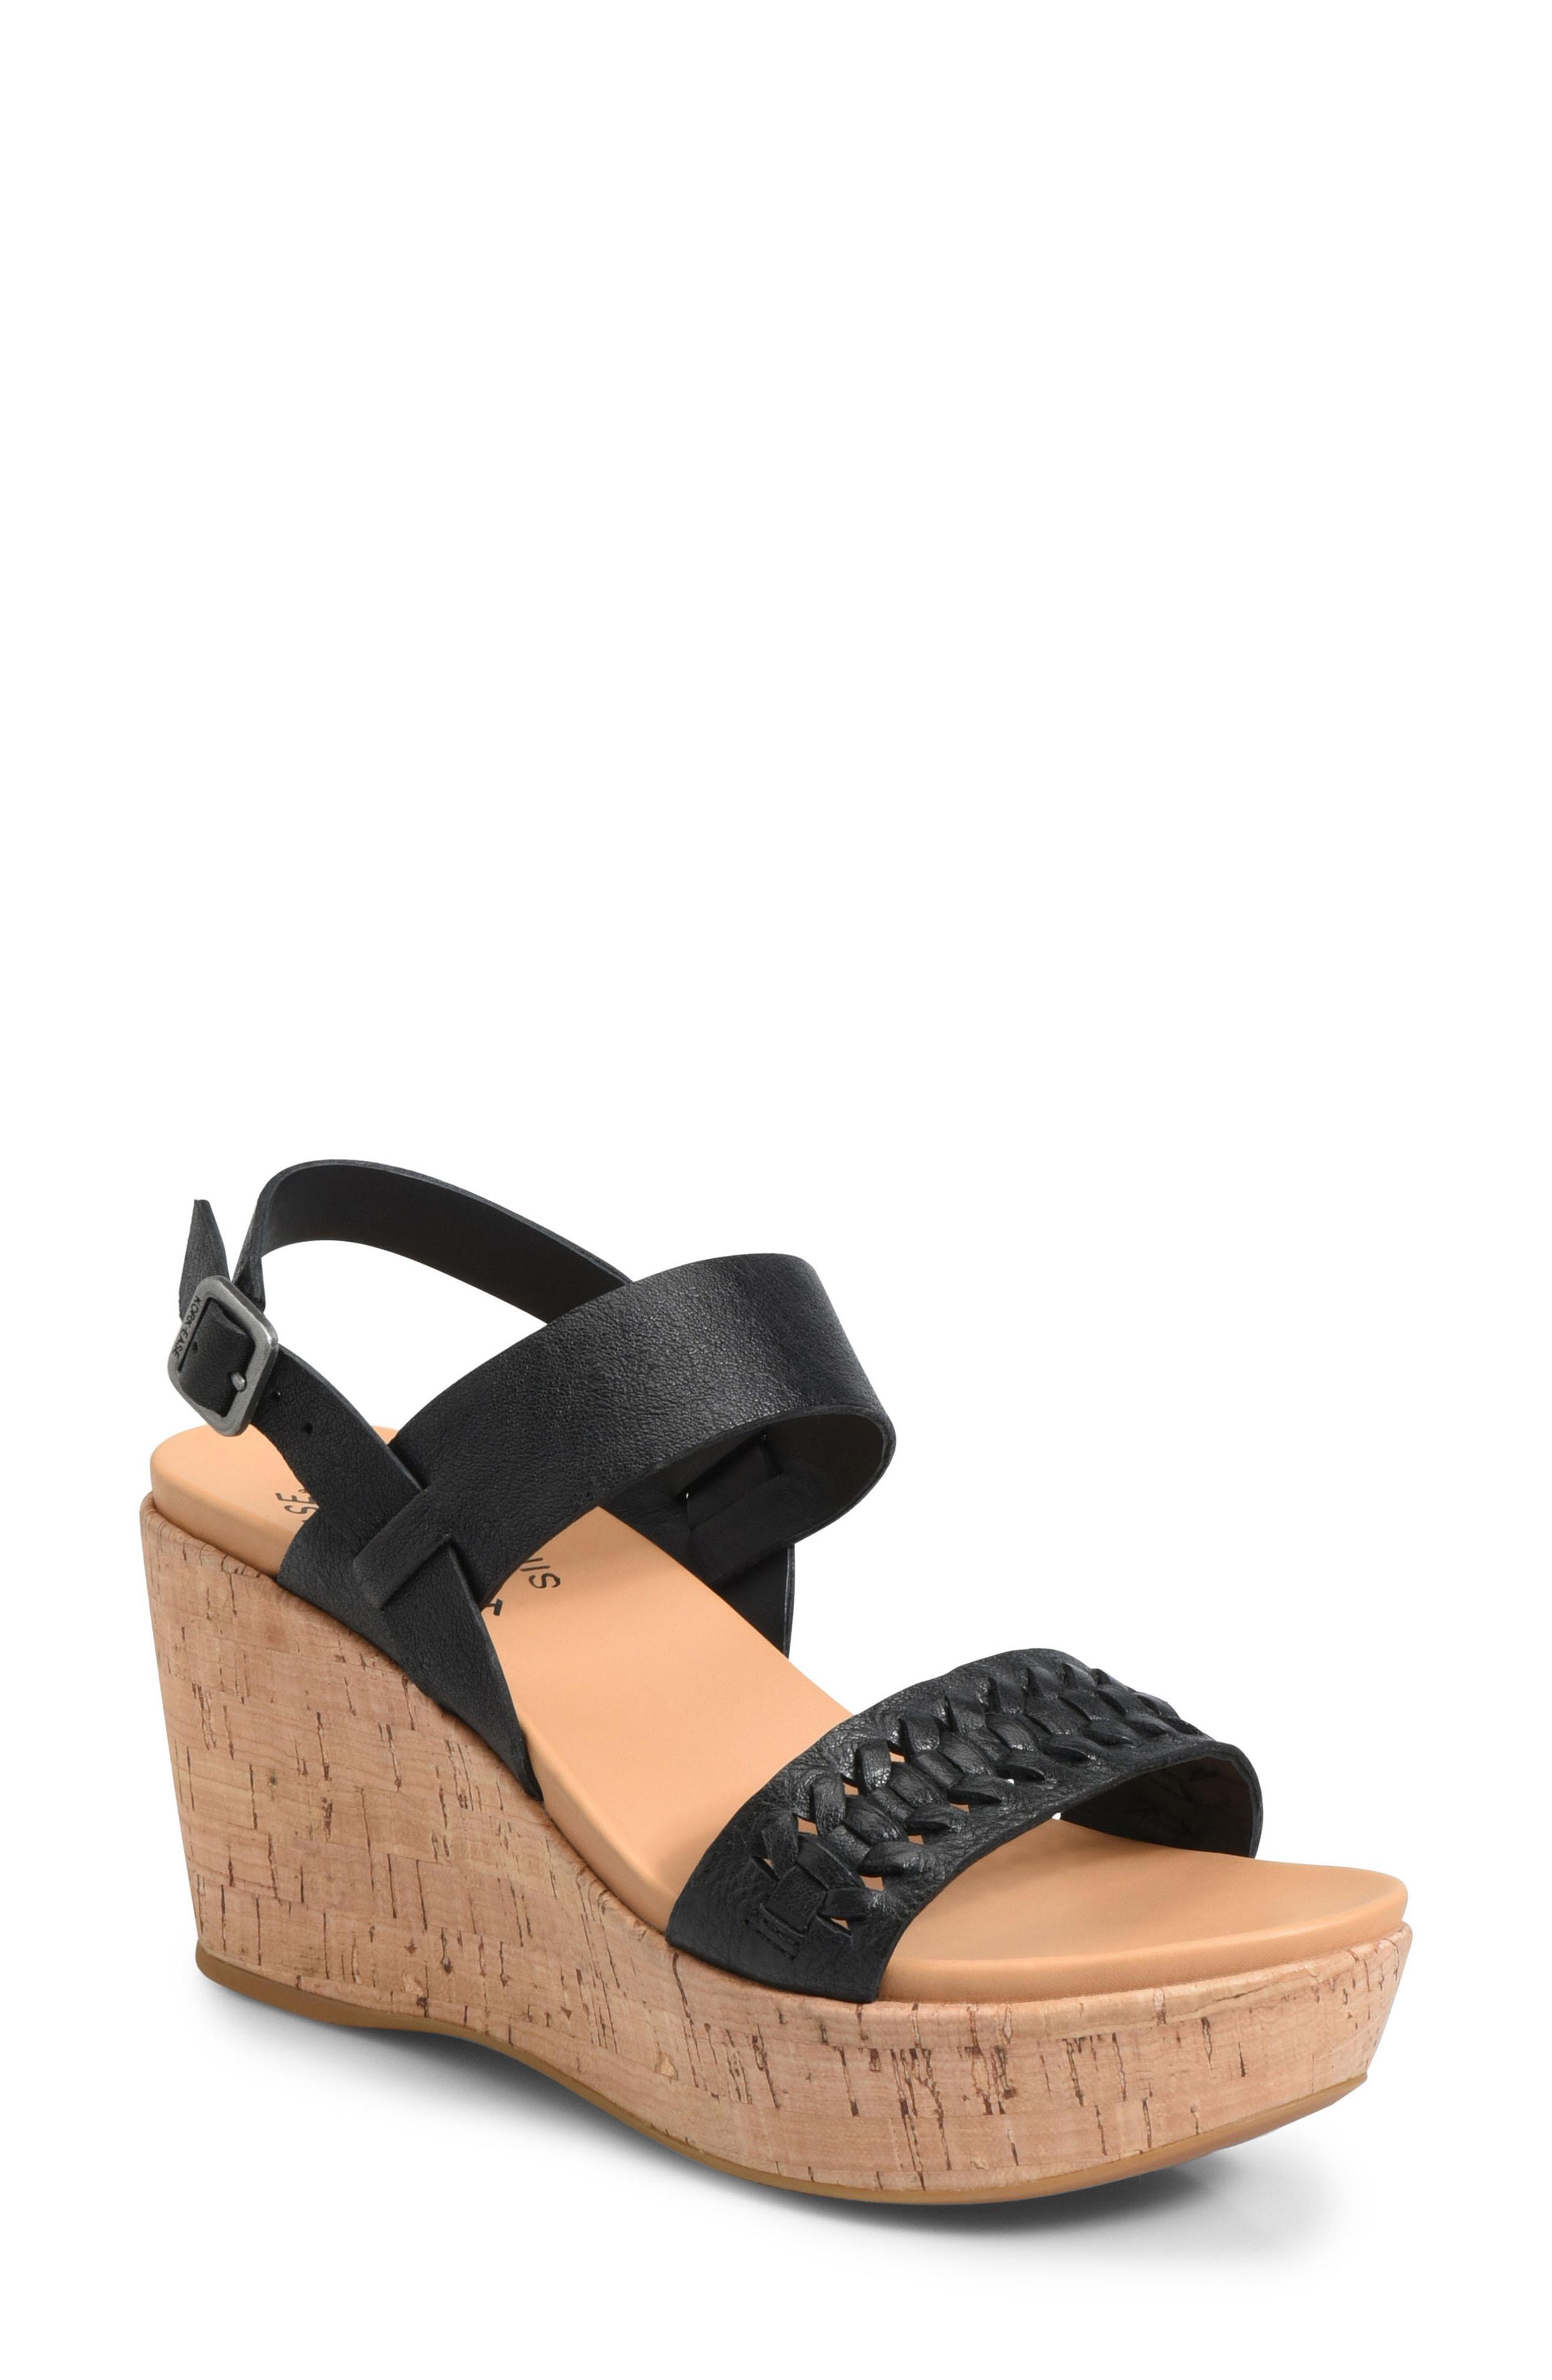 6cffc4a9a85 Lyst - Kork-Ease Kork-ease Austin Braid Wedge Sandal in Black